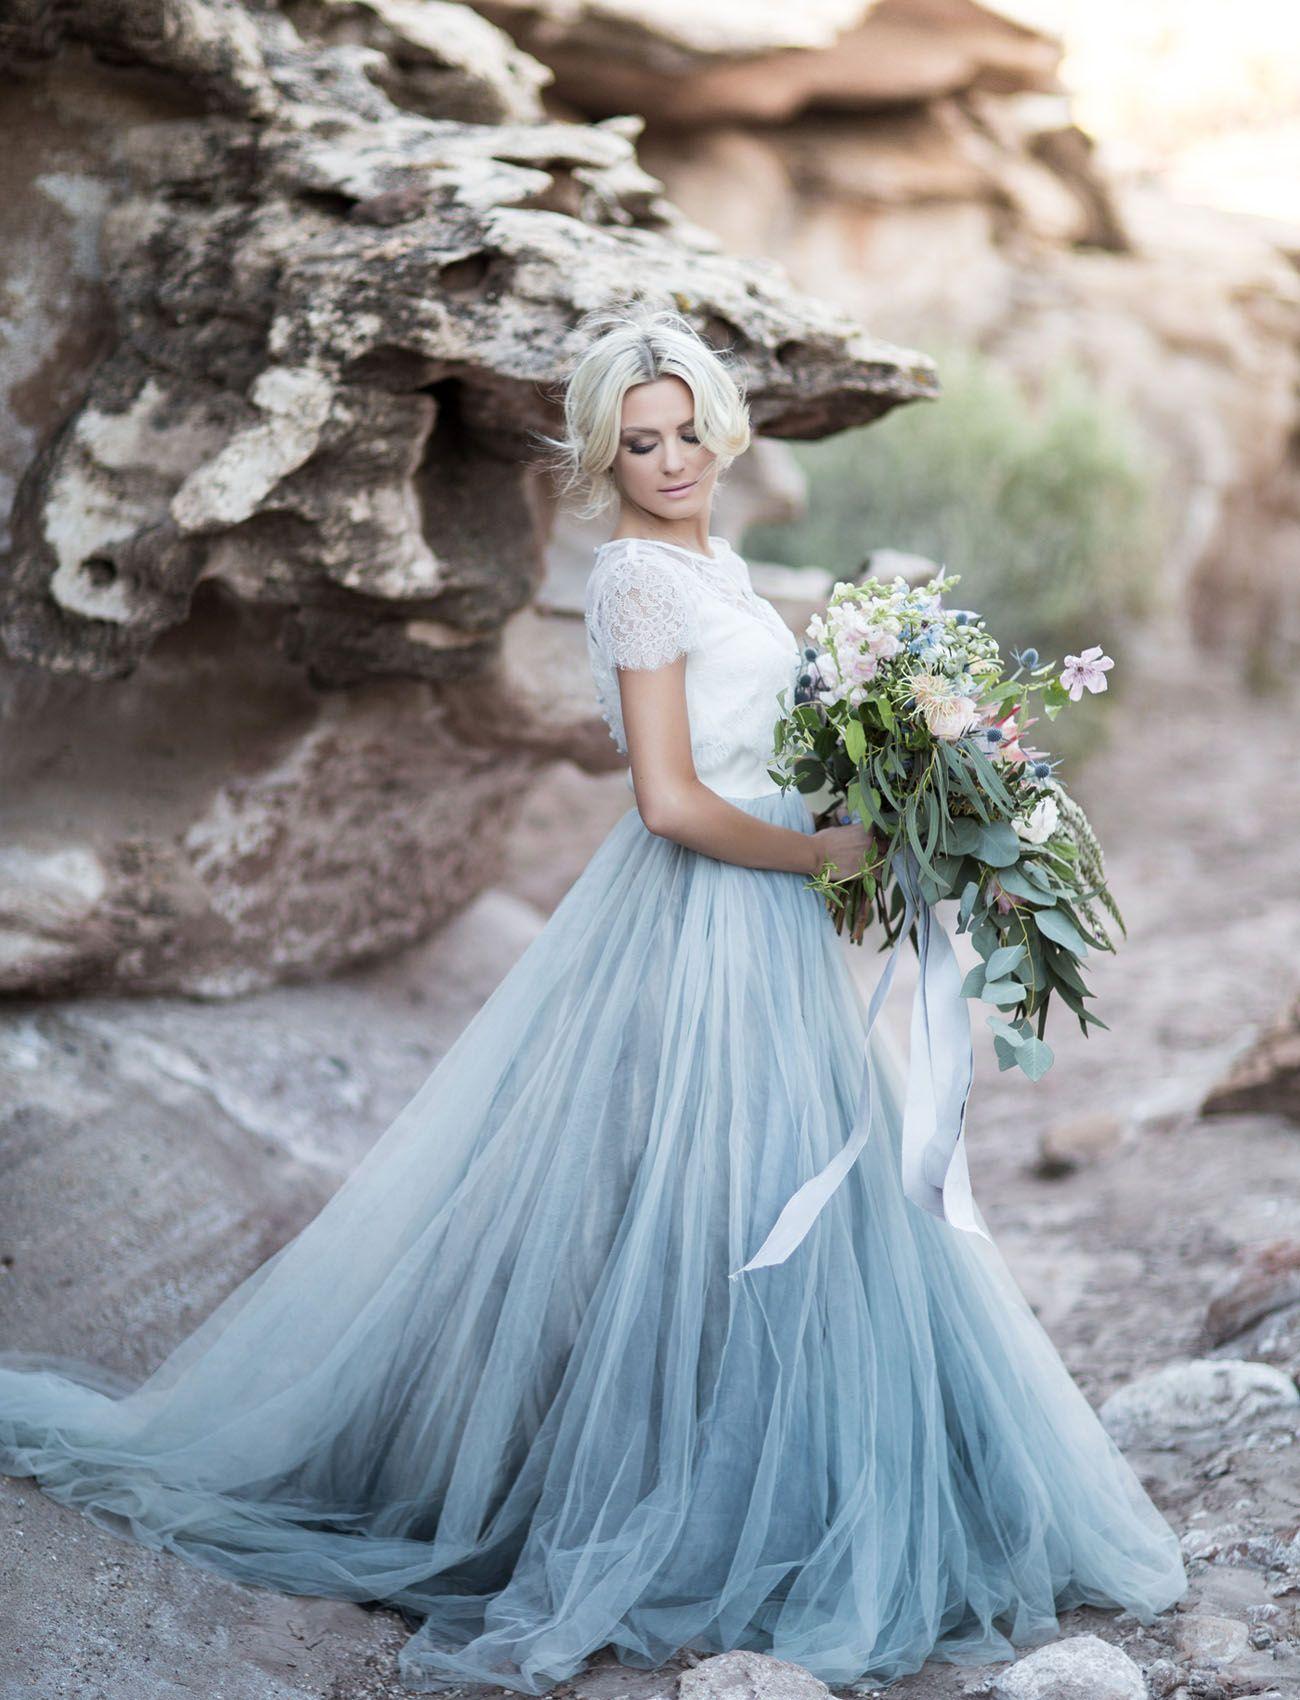 Chantel Lauren Designs wedding dress with a blue tulle skirt ...